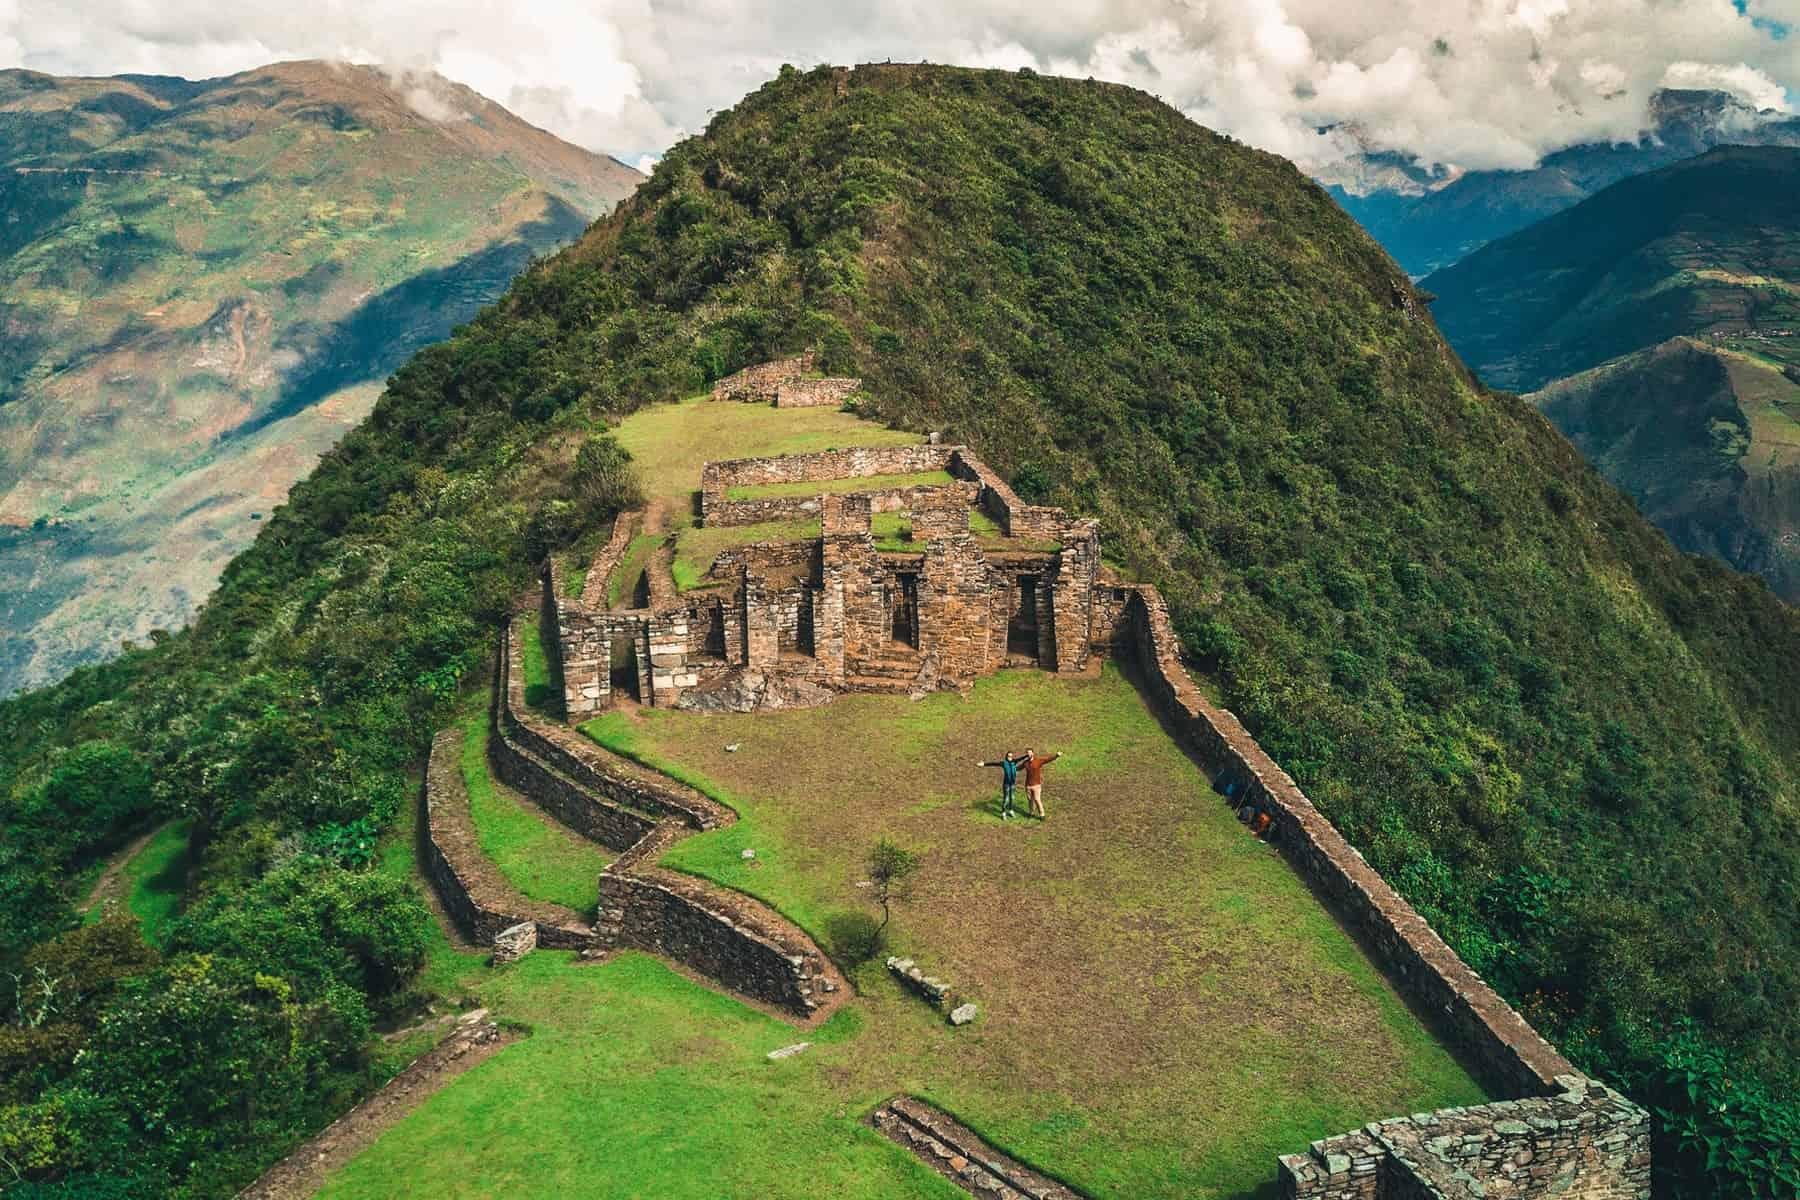 choquequirao-ruins-classic-main